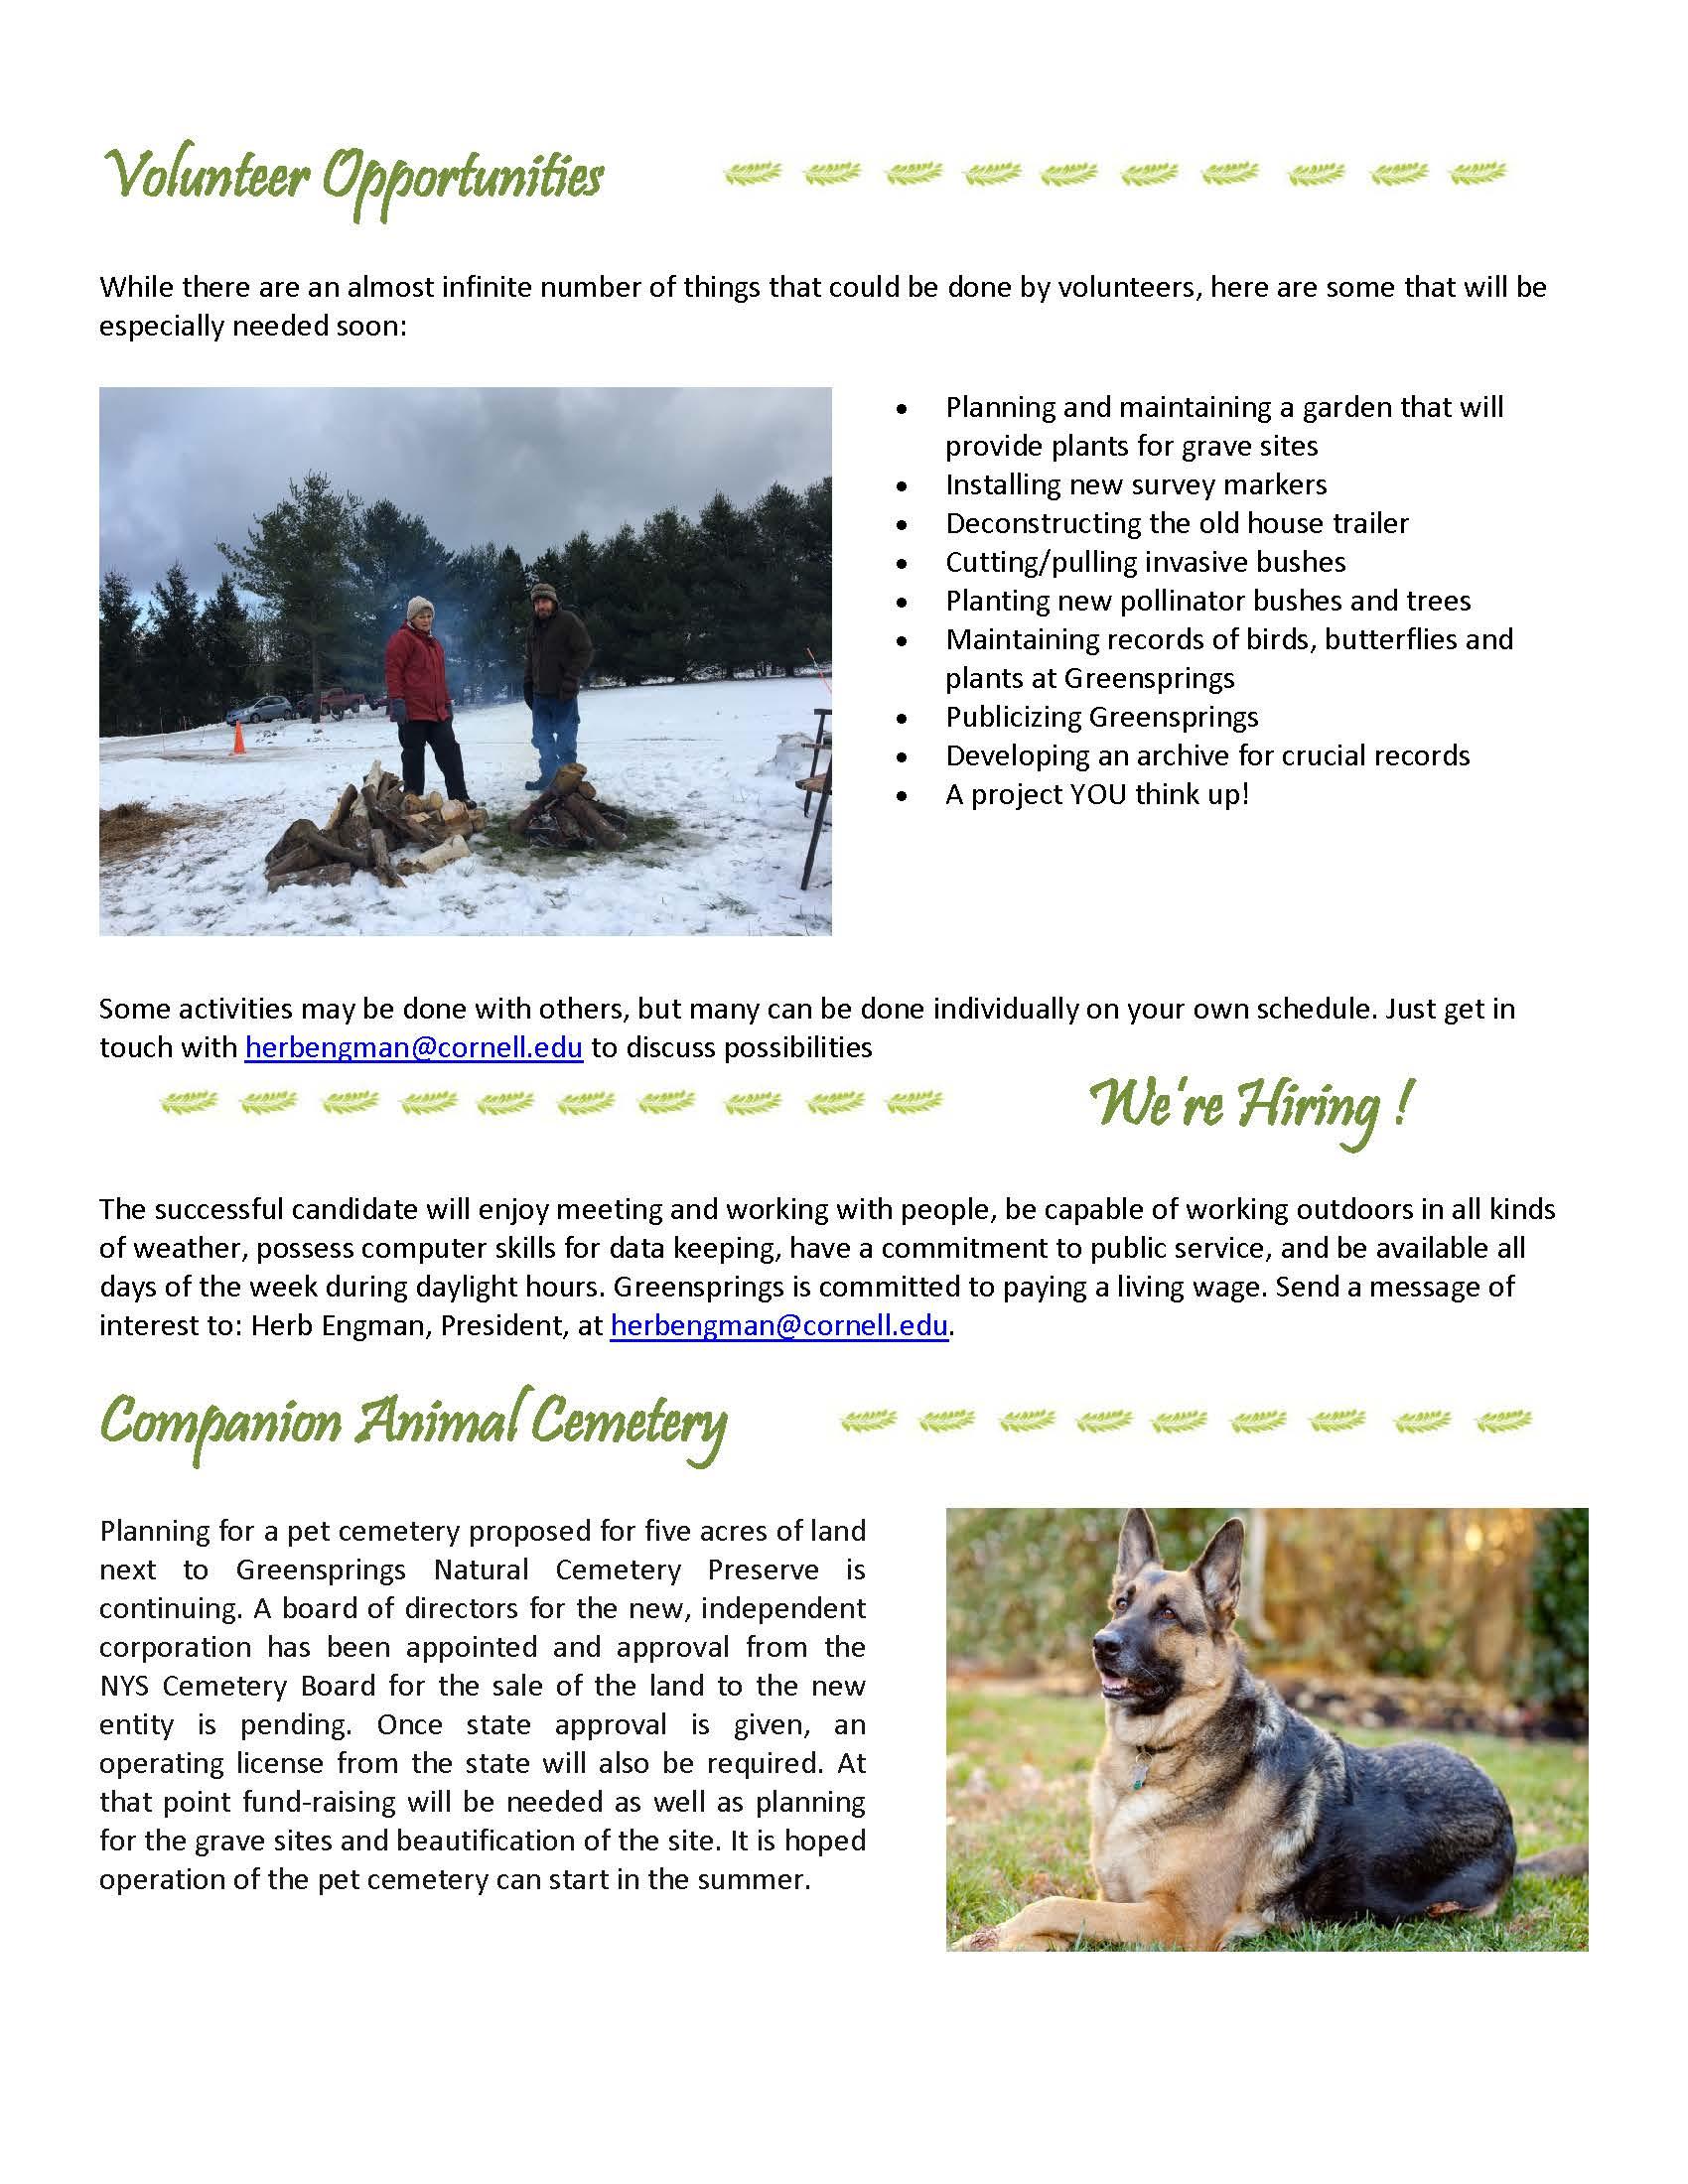 Greensprings Spring 2019 Newsletter v2_Page_2.jpg